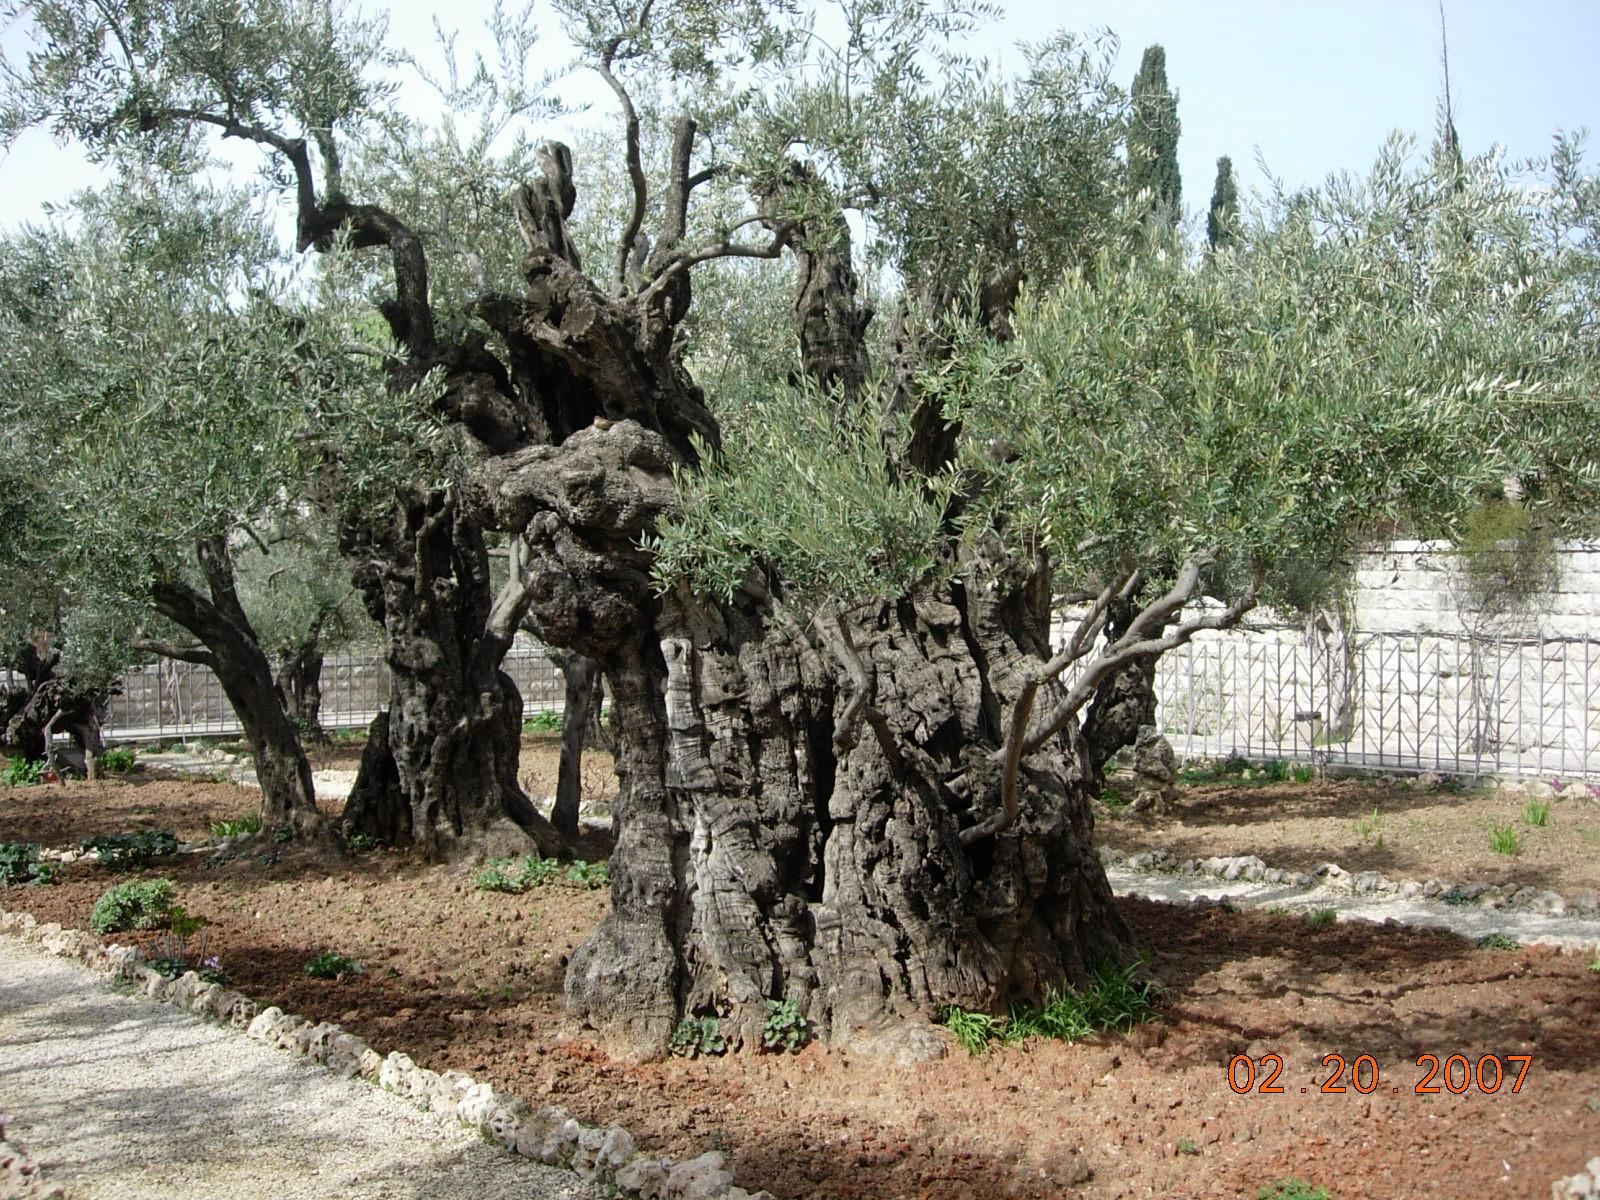 上图:客西马尼园现在有八棵巨大的橄榄树,可能在主耶稣的时代就存在了。